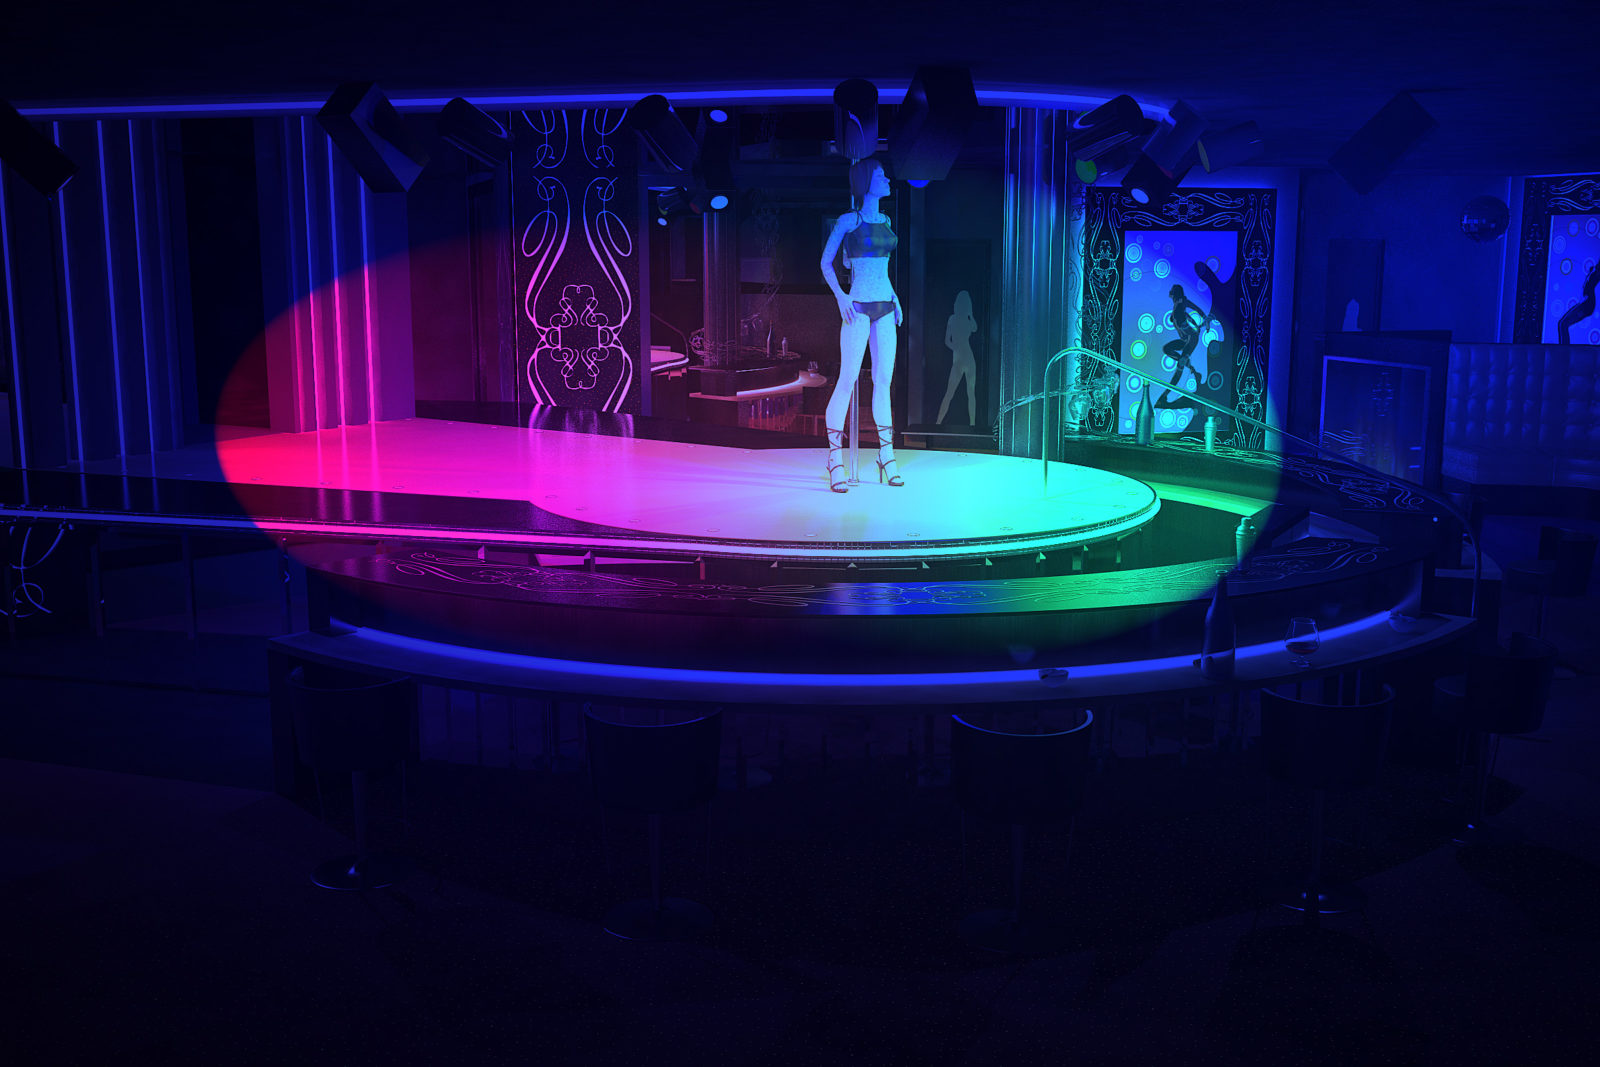 дизайн стриптиз-клуба